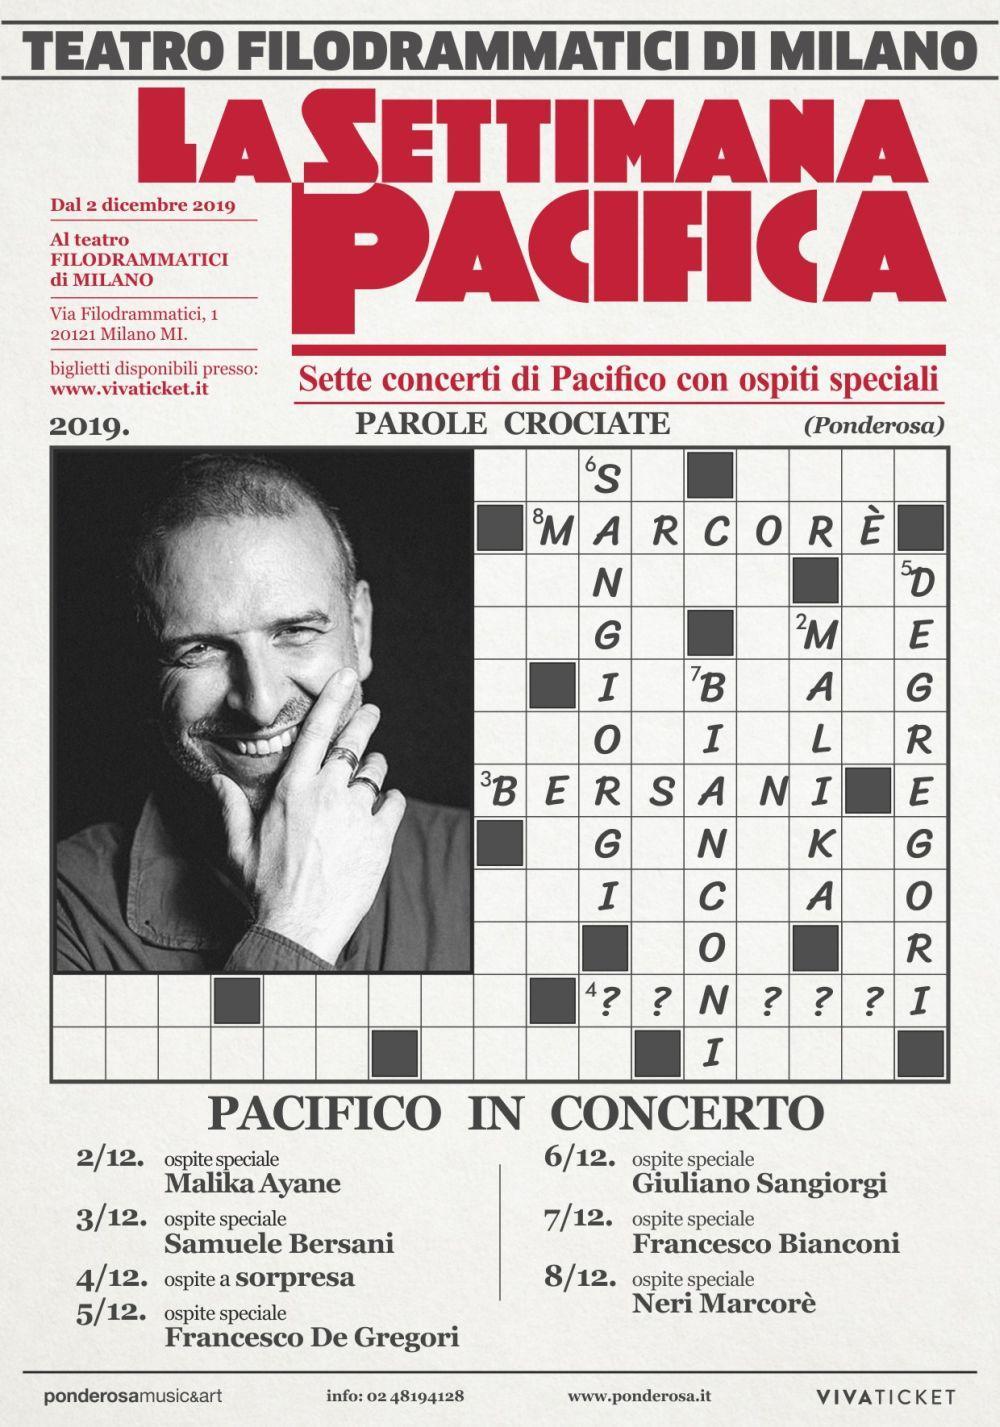 Teatro Filodrammatici: 7 concerti di PACIFICO con 7 ospiti speciali